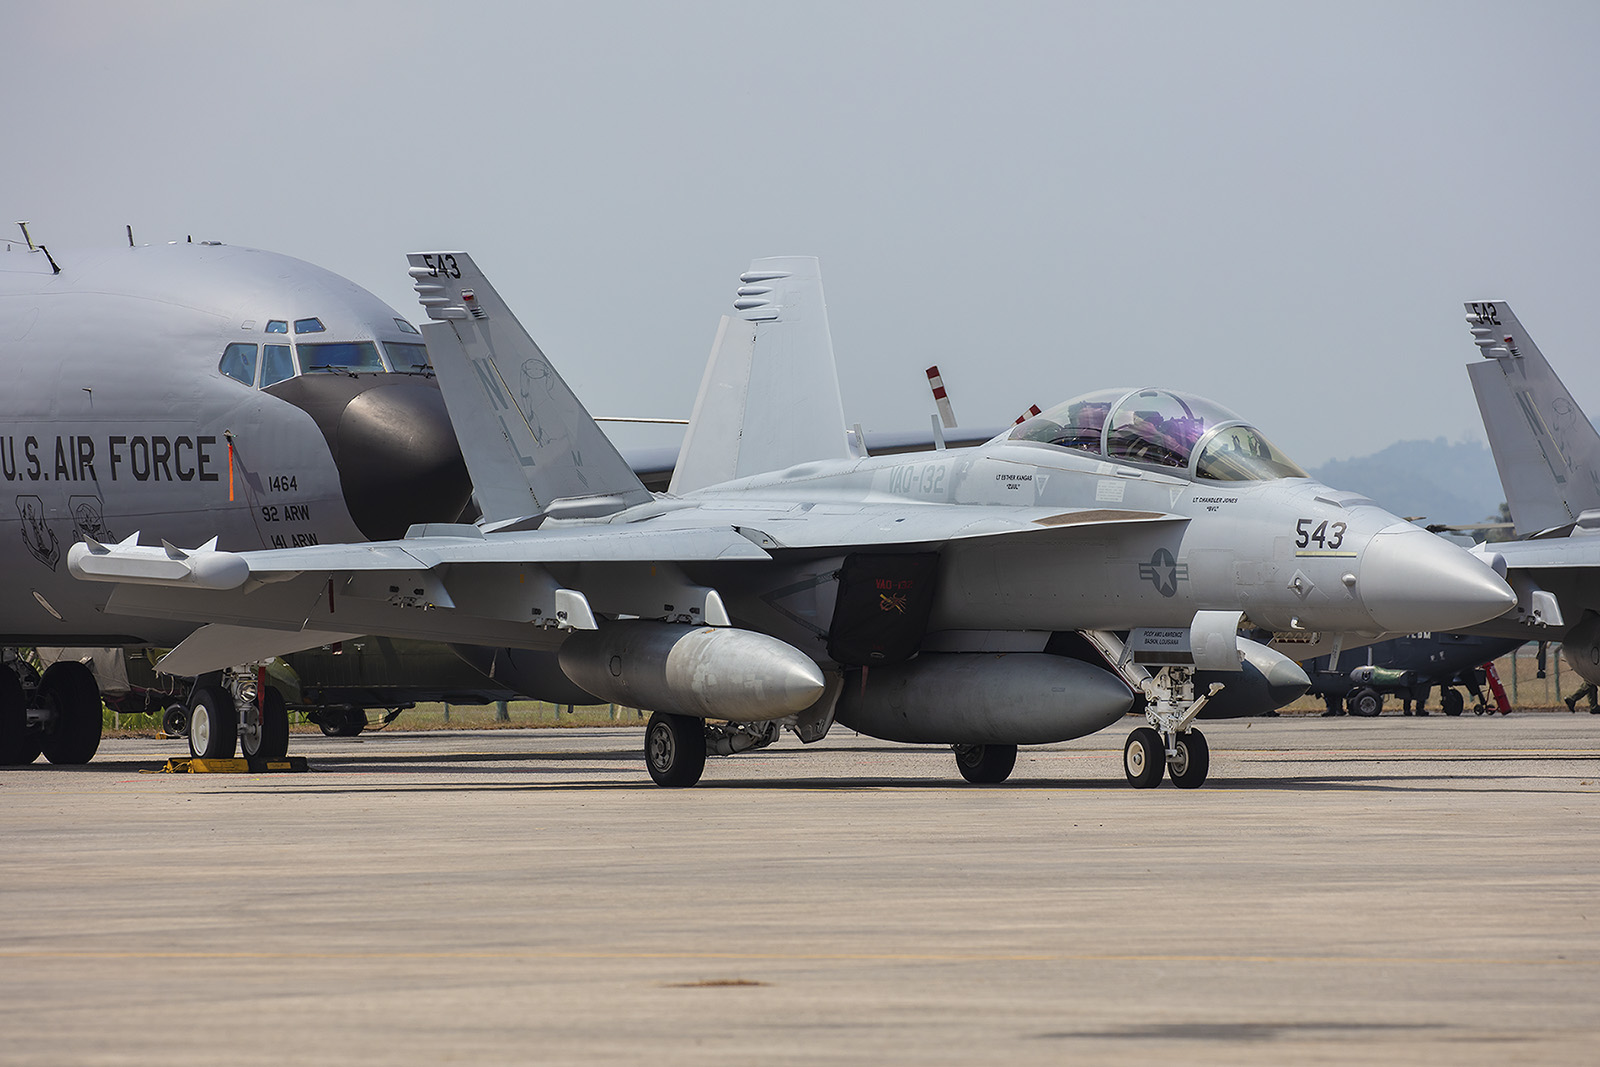 Im Vergleich zur alten Hornet ist die neue Generation F-18 ordentlich gewachsen.